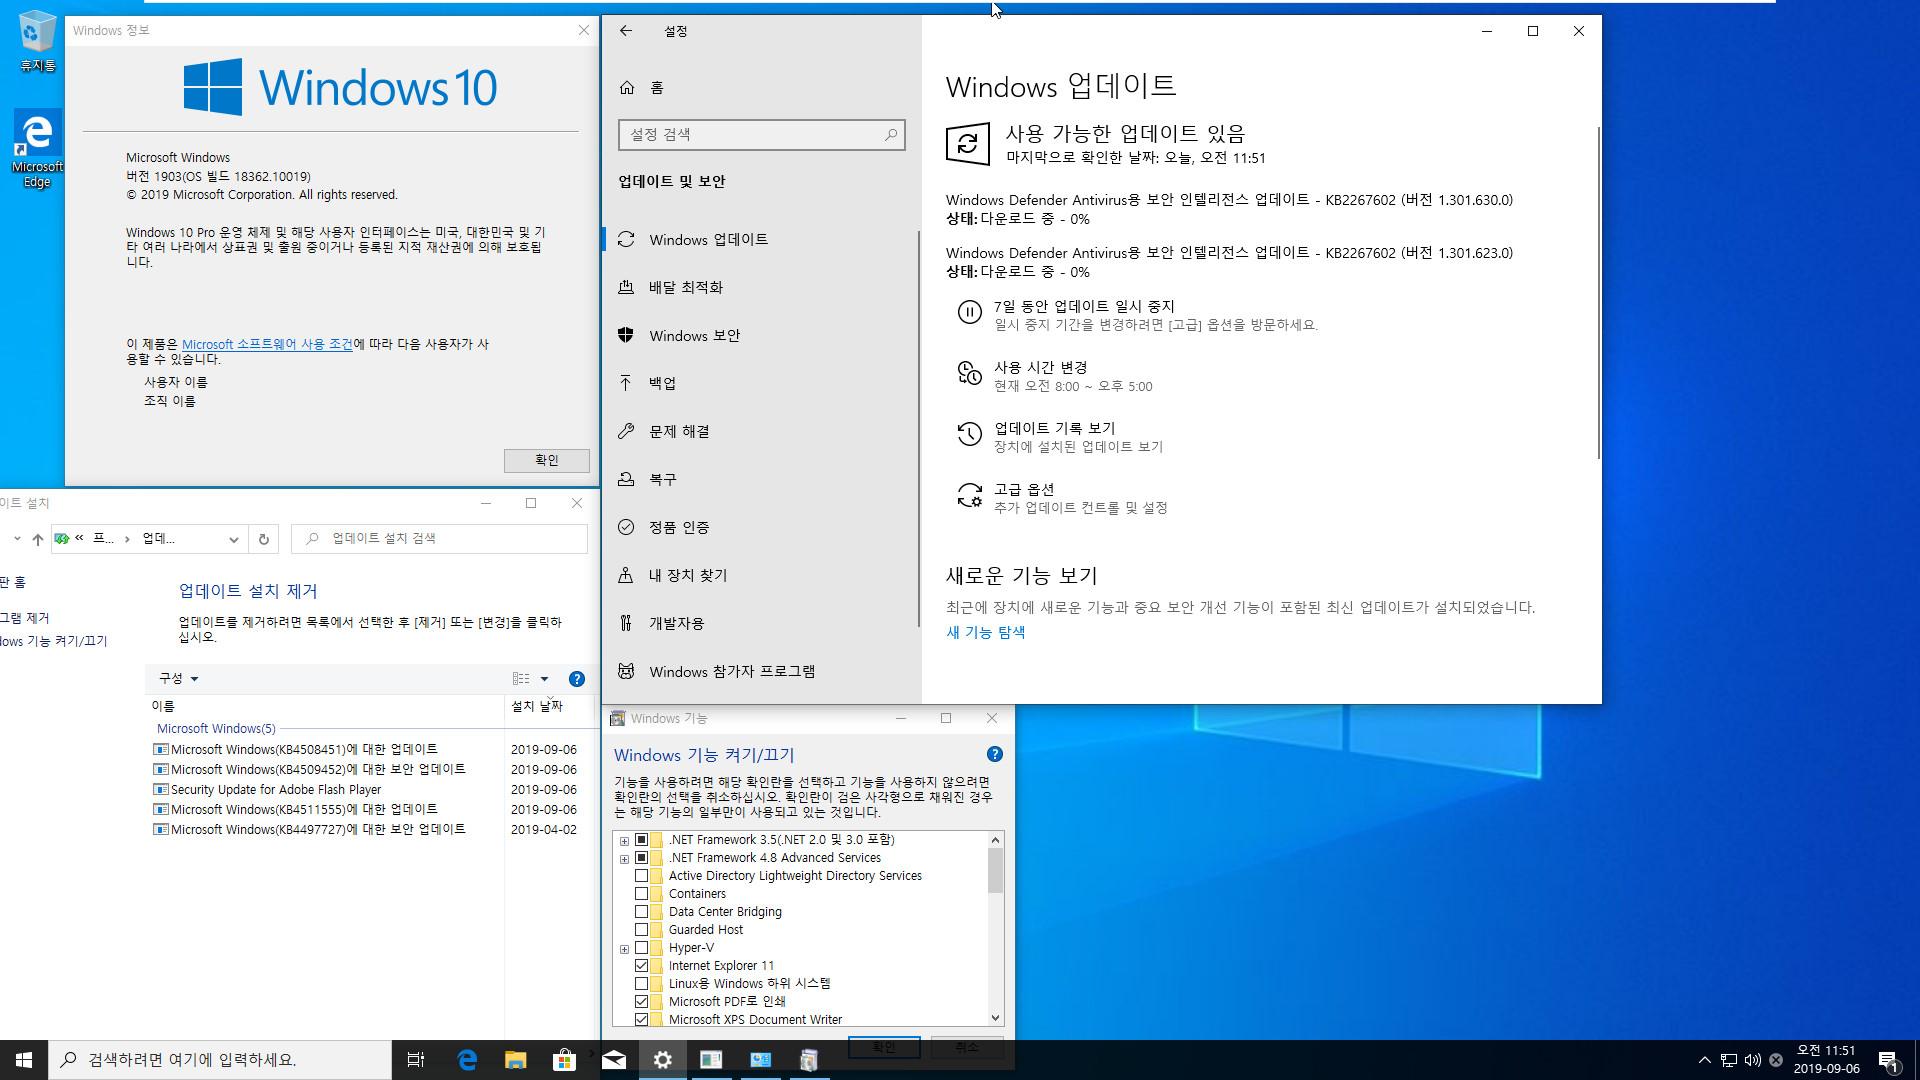 Windows 10 19H2 인사이더 프리뷰 KB4508451 누적 업데이트 (OS 빌드 18362.10019) [2019-09-05 일자] 나왔네요 [슬로우 링] - 프로 64비트 통합중 입니다 2019-09-06_115123.jpg